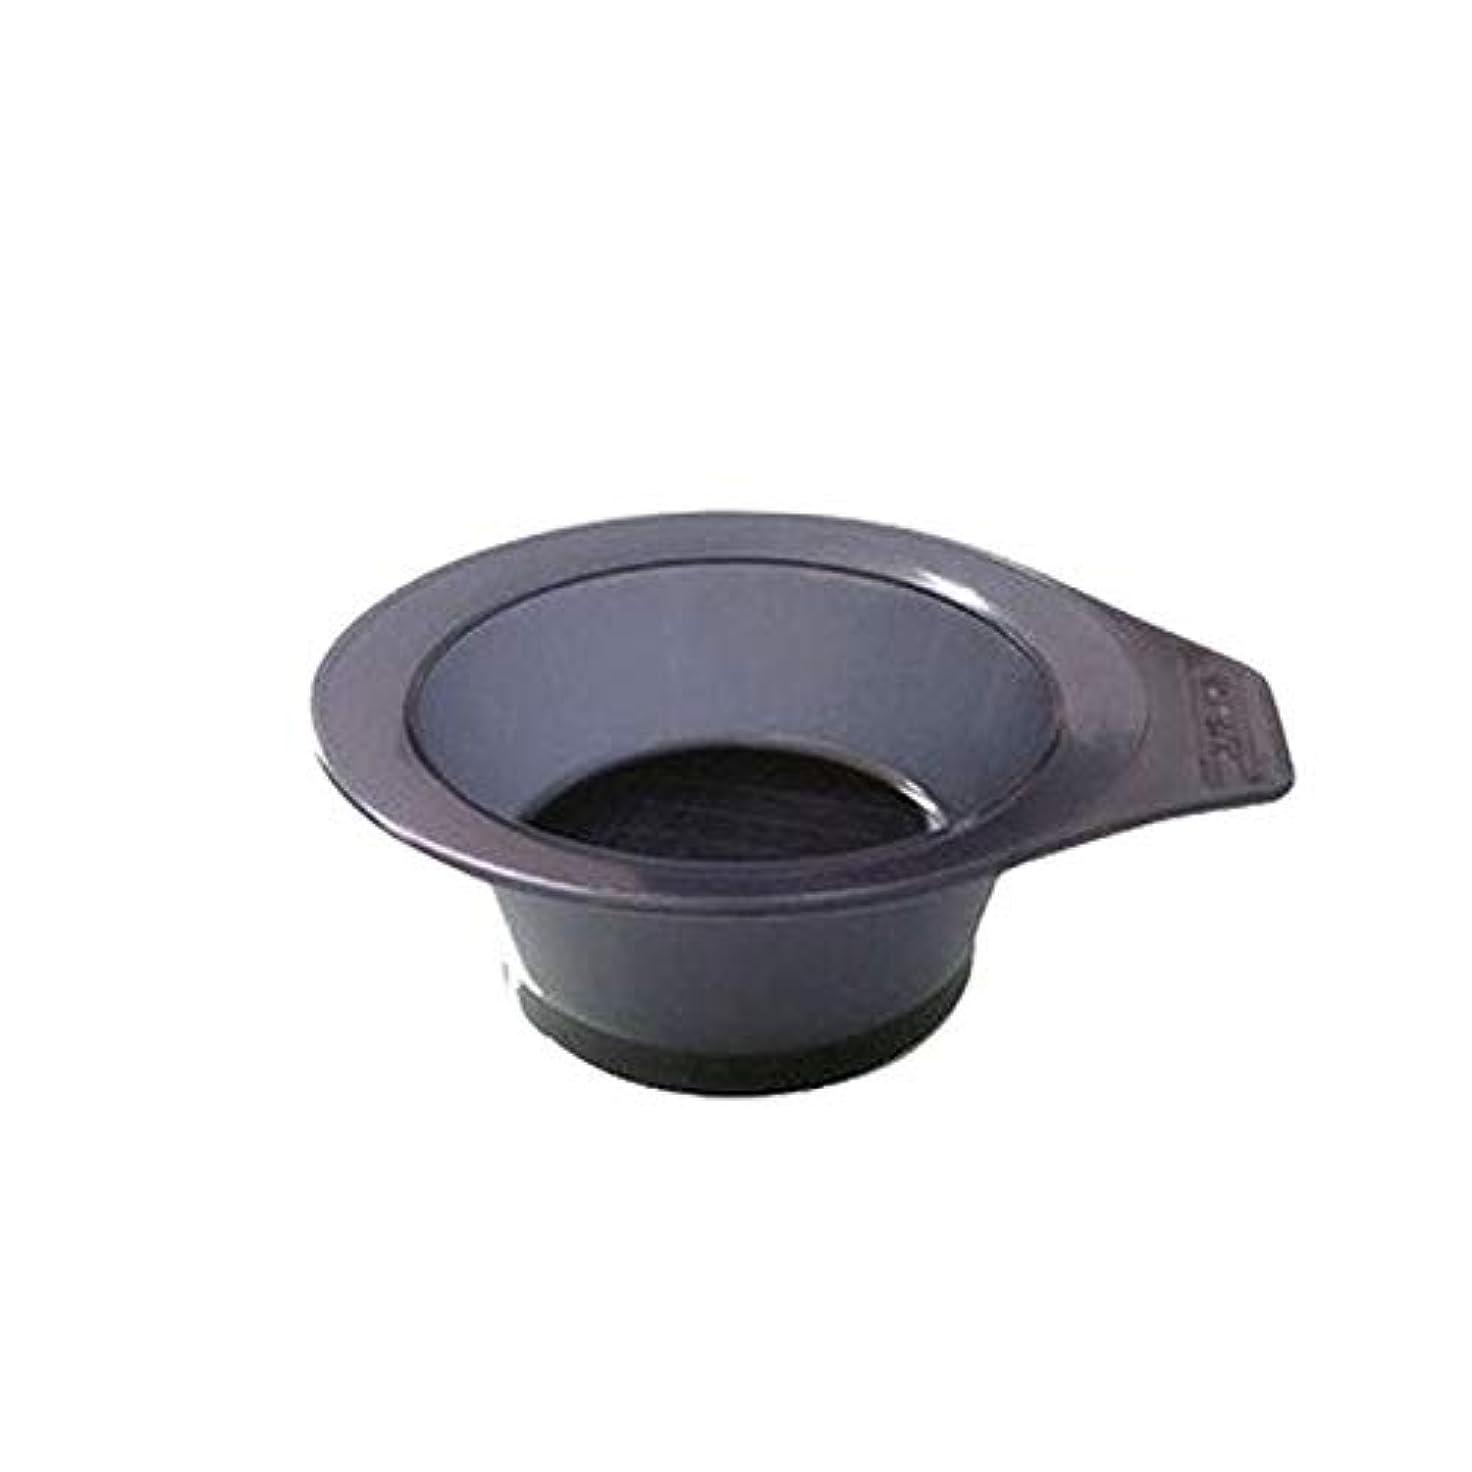 ギャザースペシャリスト無効にするエバーメイト カラーリングカップ